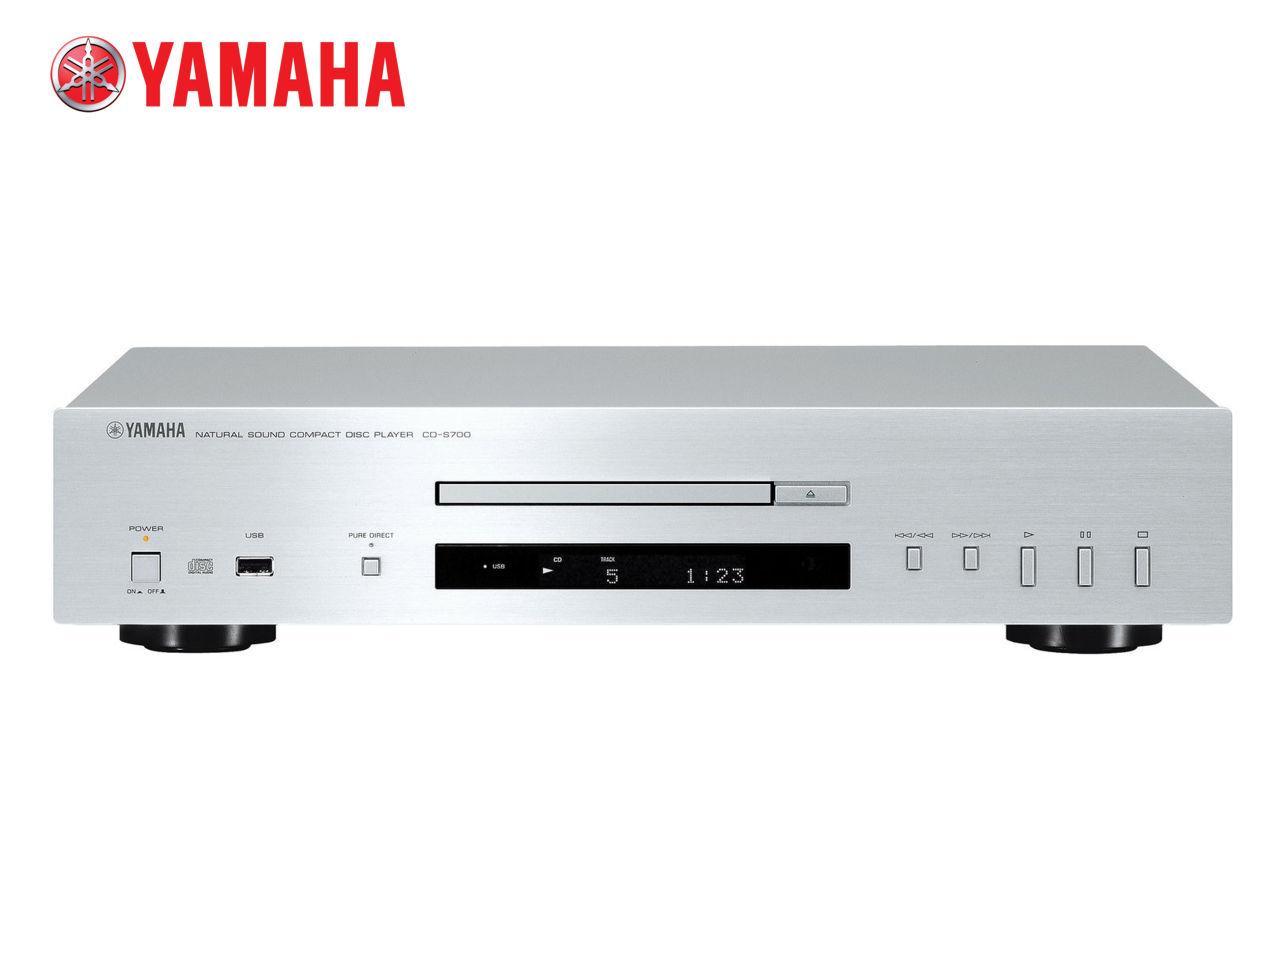 YAMAHA CD-S700 S + 500 Kč na dárky nebo další nákup | CHAT on-line podpora PO-PÁ 8-22.00!!